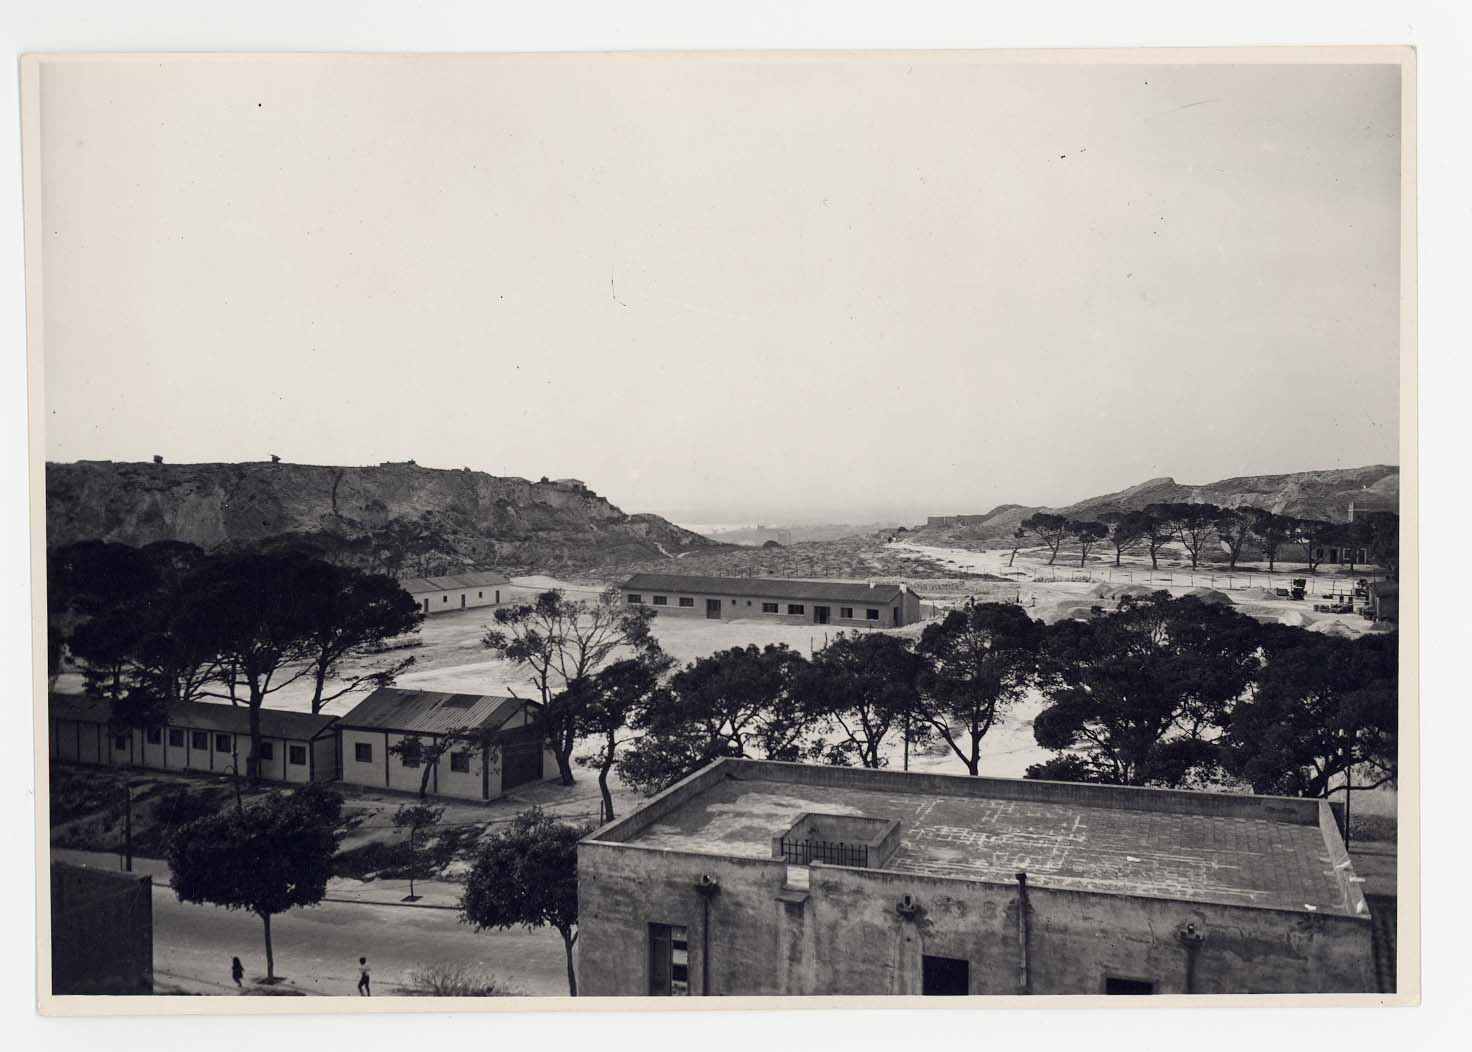 Archivio Comunale - 1956 - Topografia_jpg_foto 0017 1-3